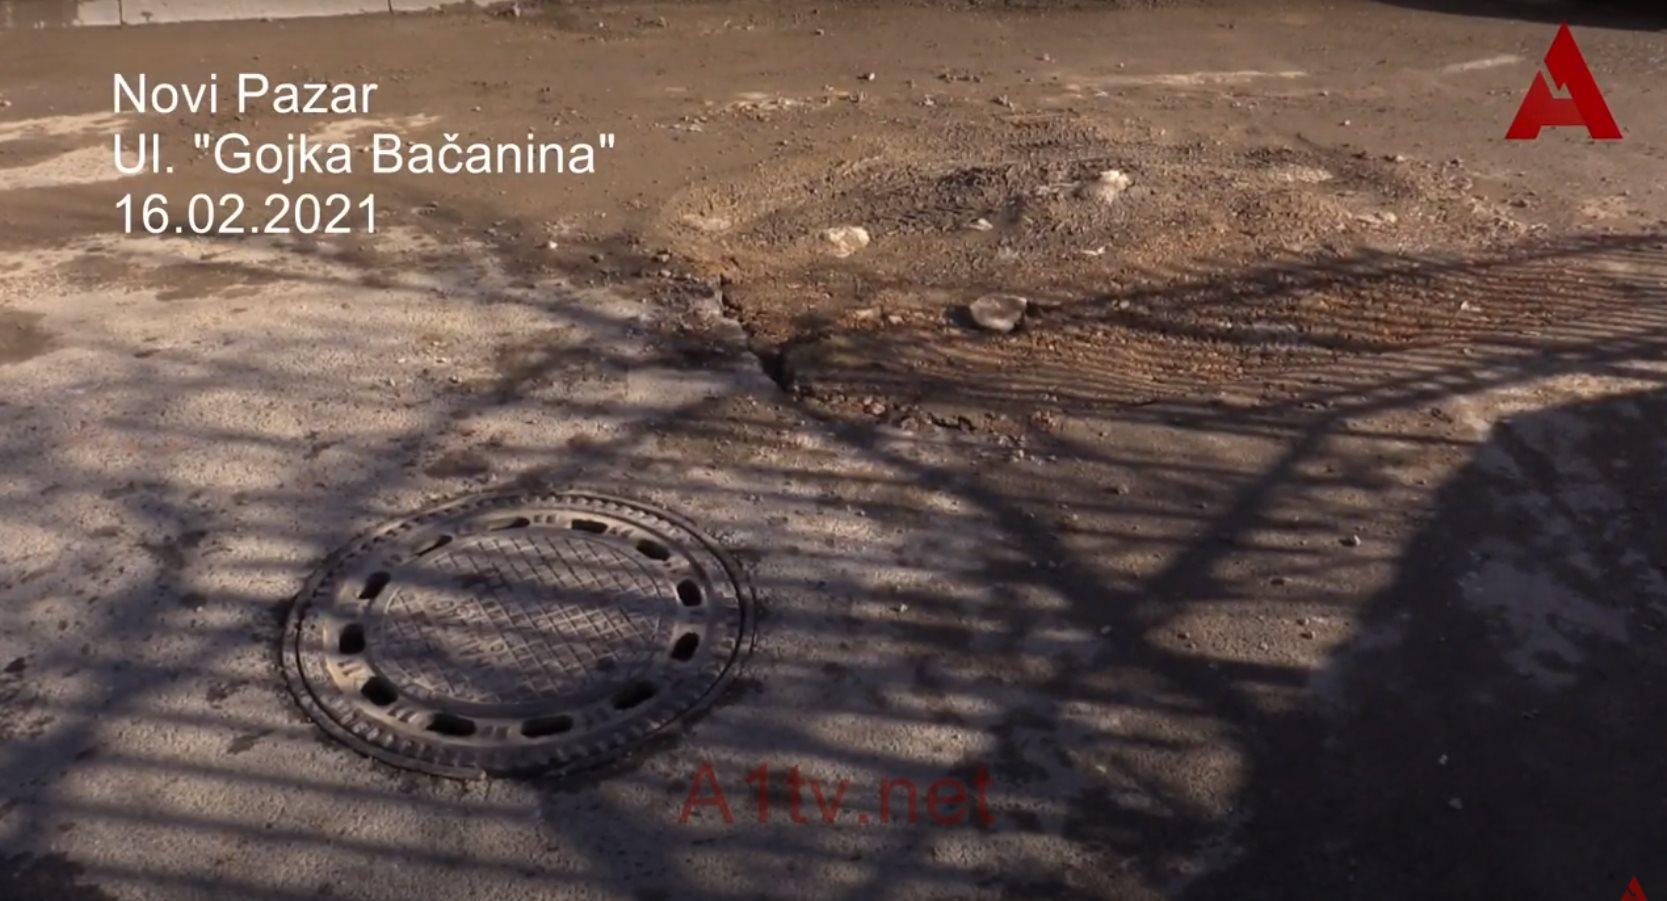 Šahta sanirana nakon emitovanja priloga na A1 (video)